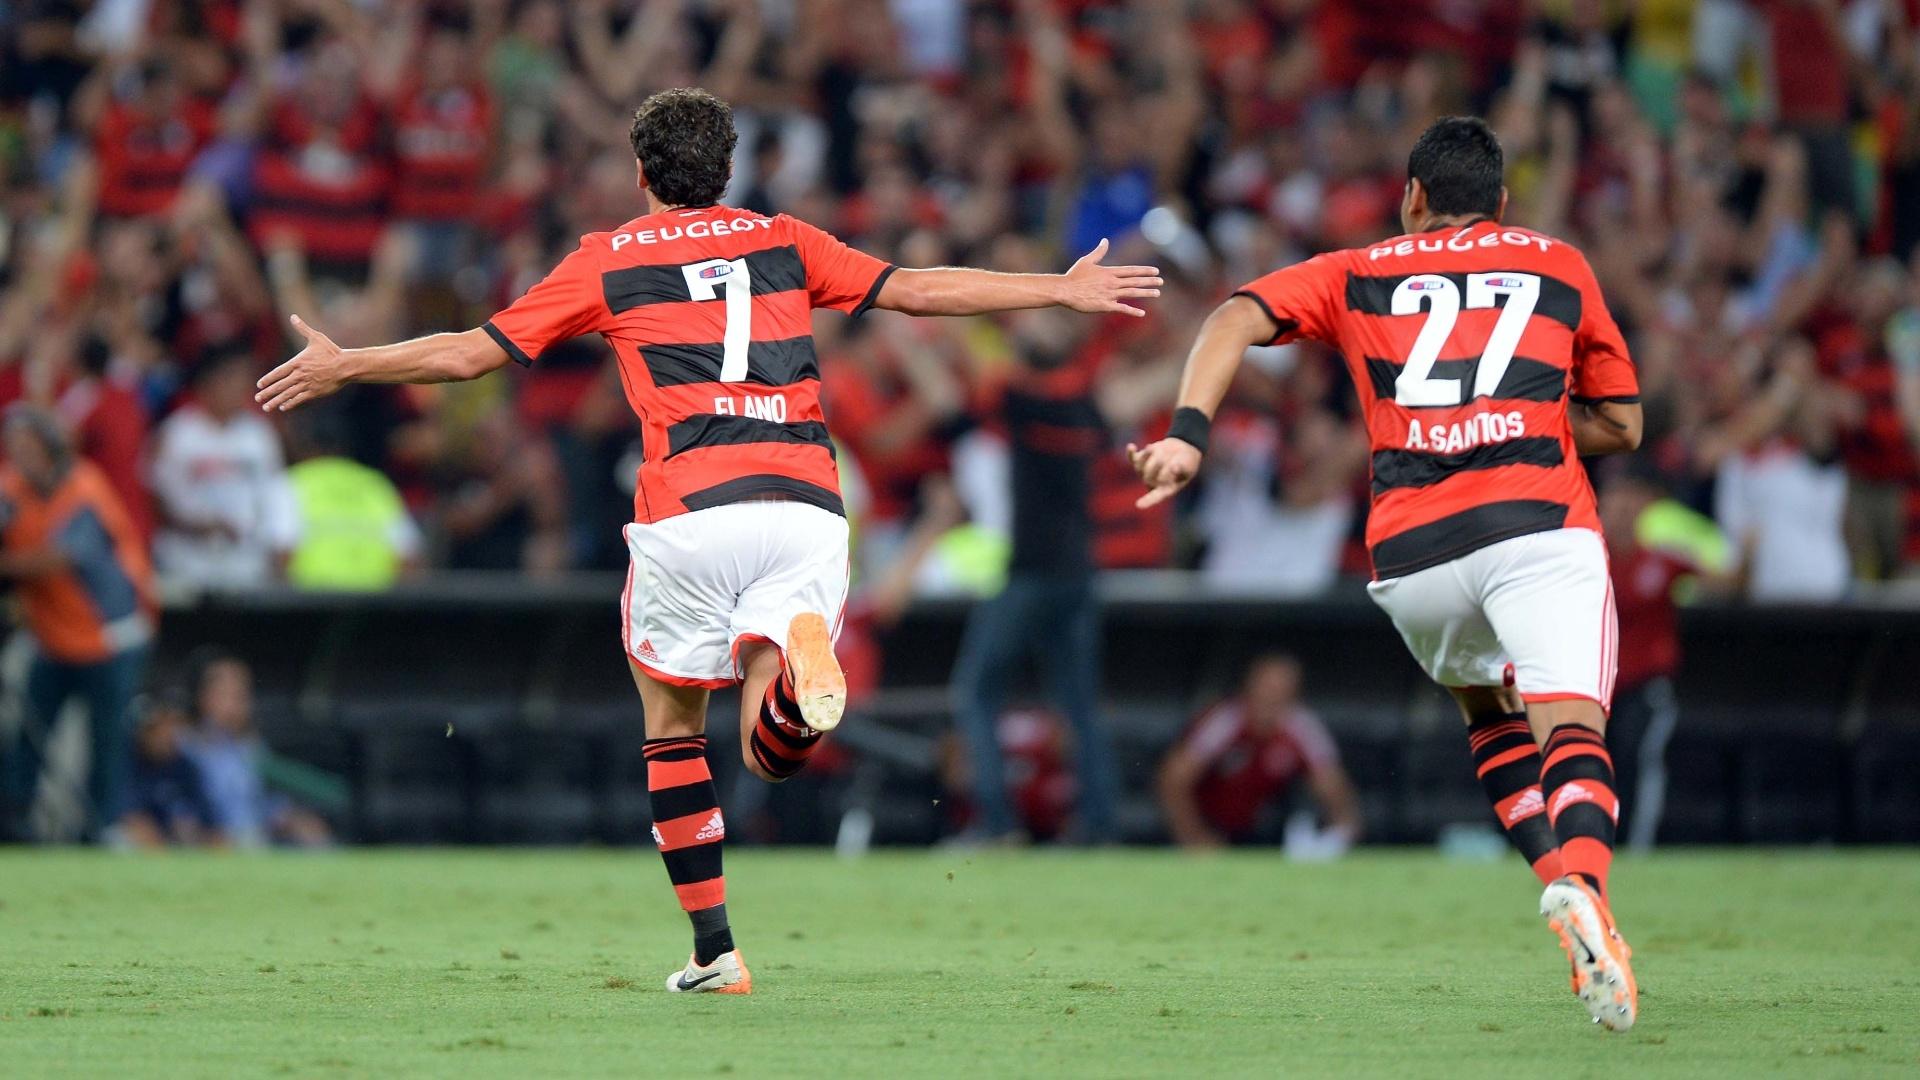 26.02.14 - Elano e André Santos comemoram gol do Flamengo contra o Emelec pela Libertadores